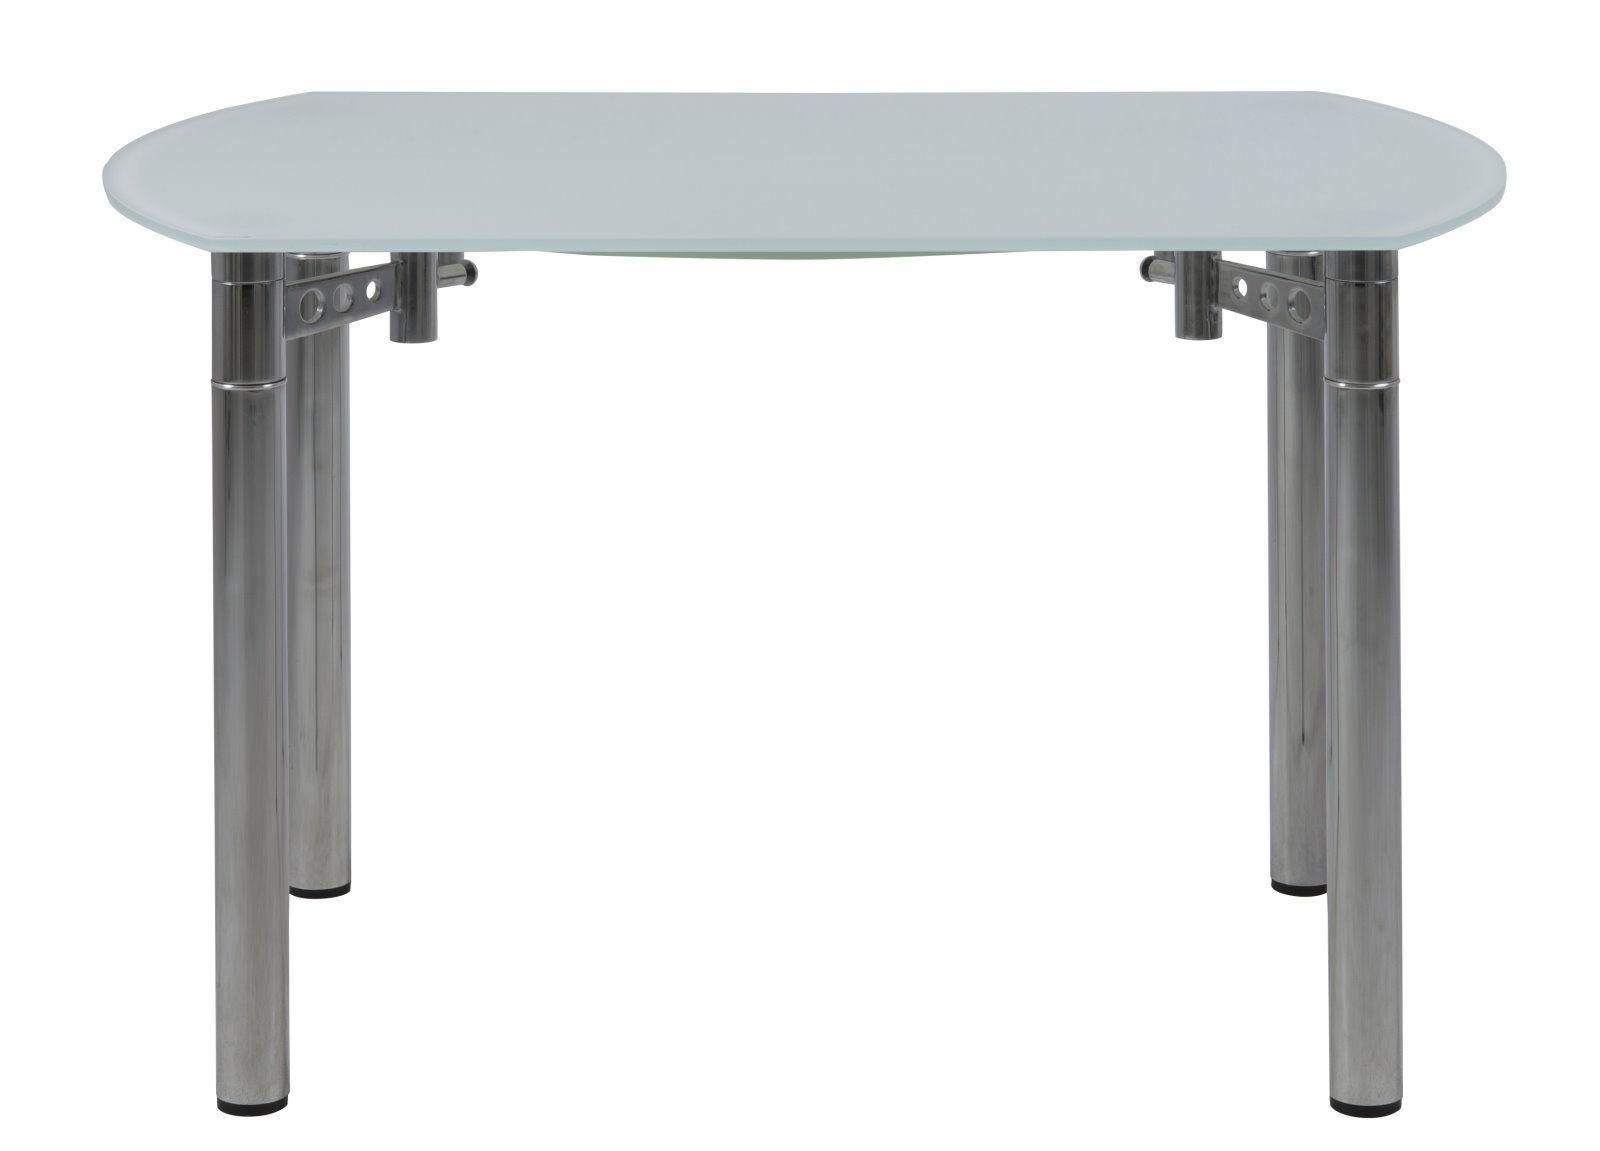 pkline esstisch 120x75 cm ausziehbar esszimmertisch glastisch tisch m bel wohnen tische. Black Bedroom Furniture Sets. Home Design Ideas